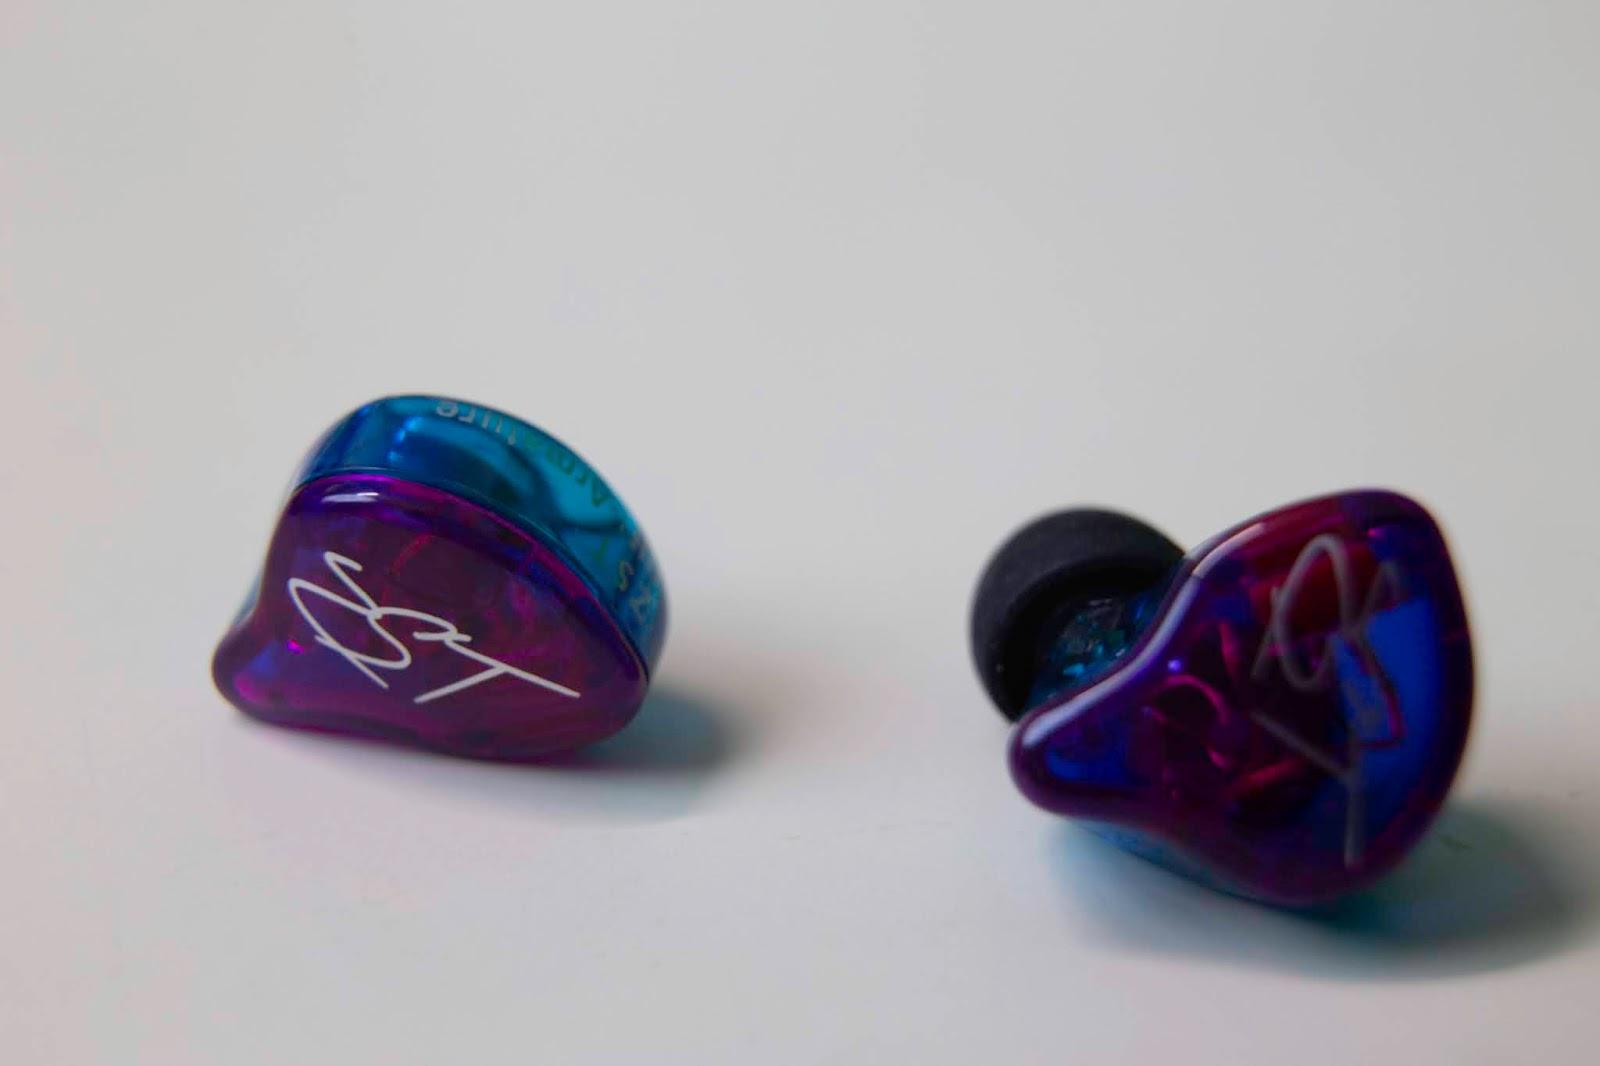 quality design dfc7e 73b1c Así que nos encontramos ante unos auriculares que rondan entre los 14 a 18€  según donde miréis en Aliexpress, a este precio obtendréis una buen sonido,  ...